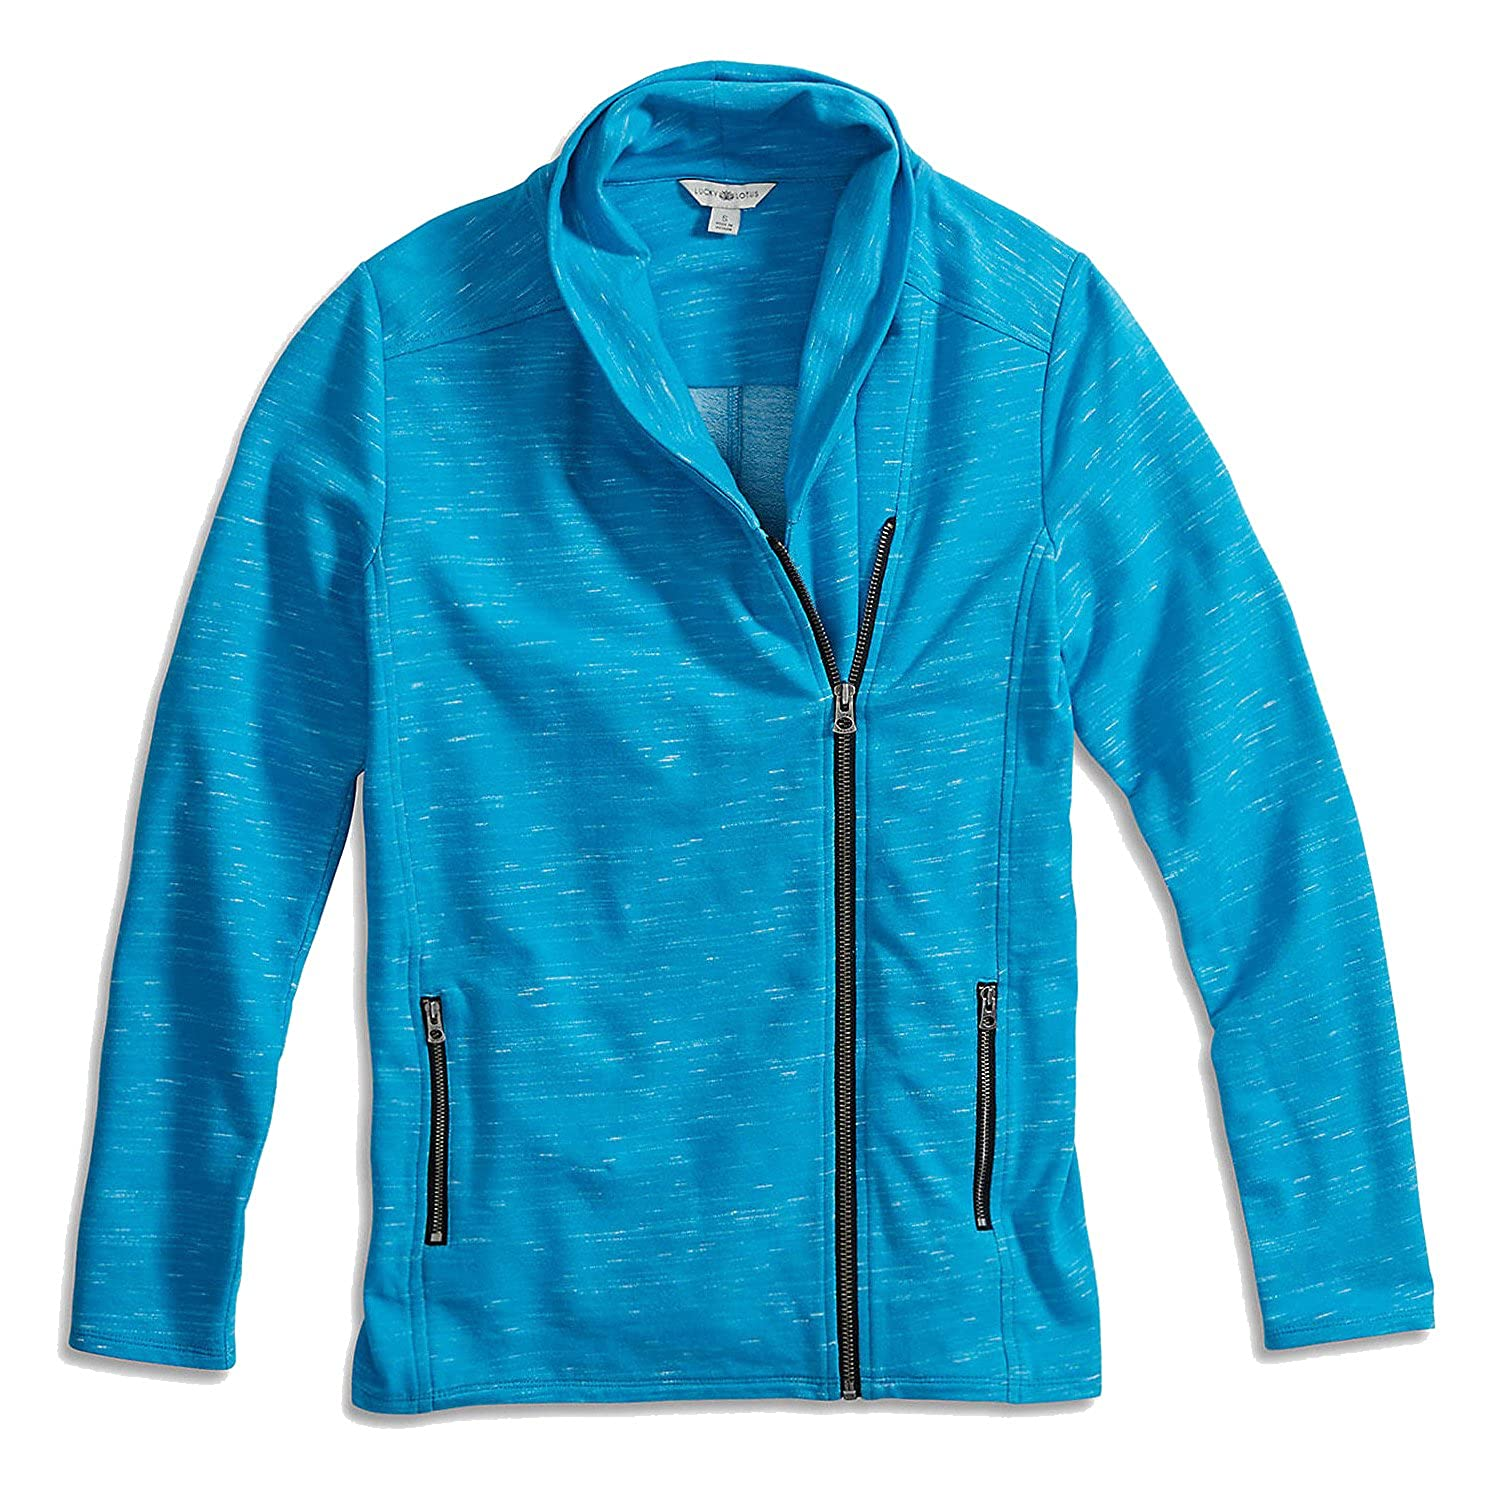 Lucky Brand Women's Space Dye Asymmetric Zipper Sweatshirt Jacket